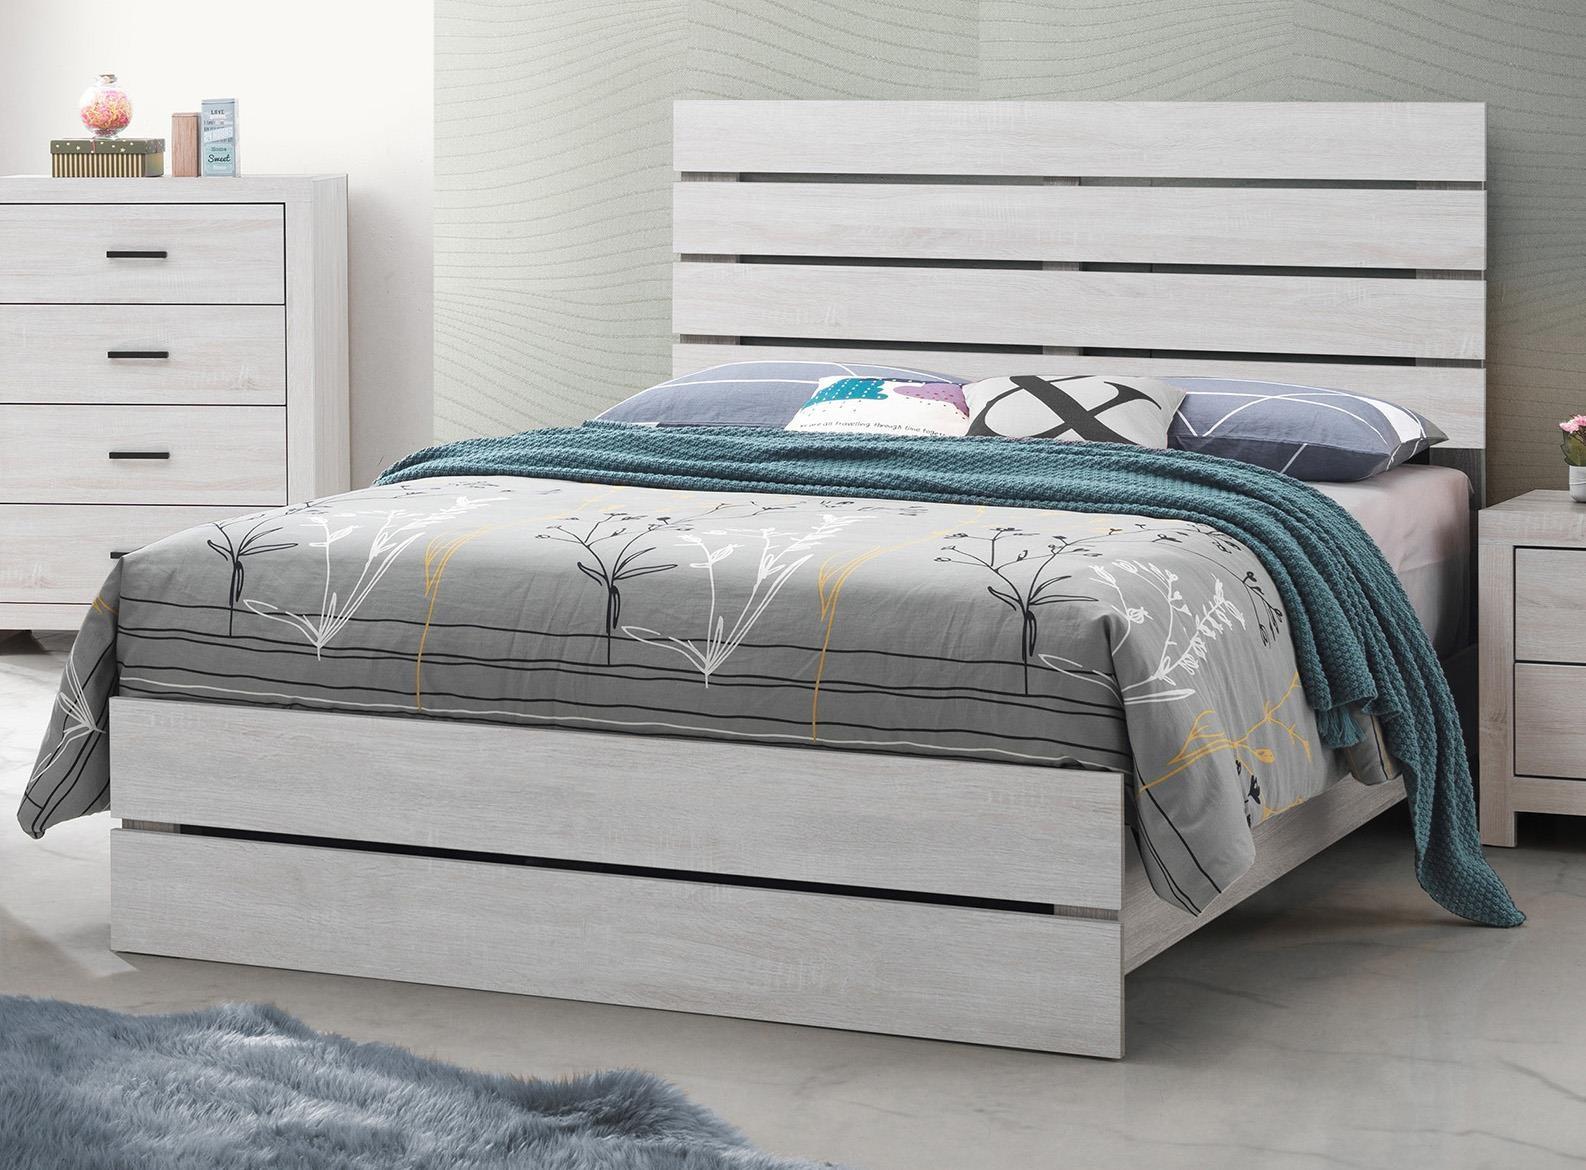 Picture of: Coaster Coastal 207051f White Full Size Platform Bed Sam Levitz Furniture Platform Beds Low Profile Beds